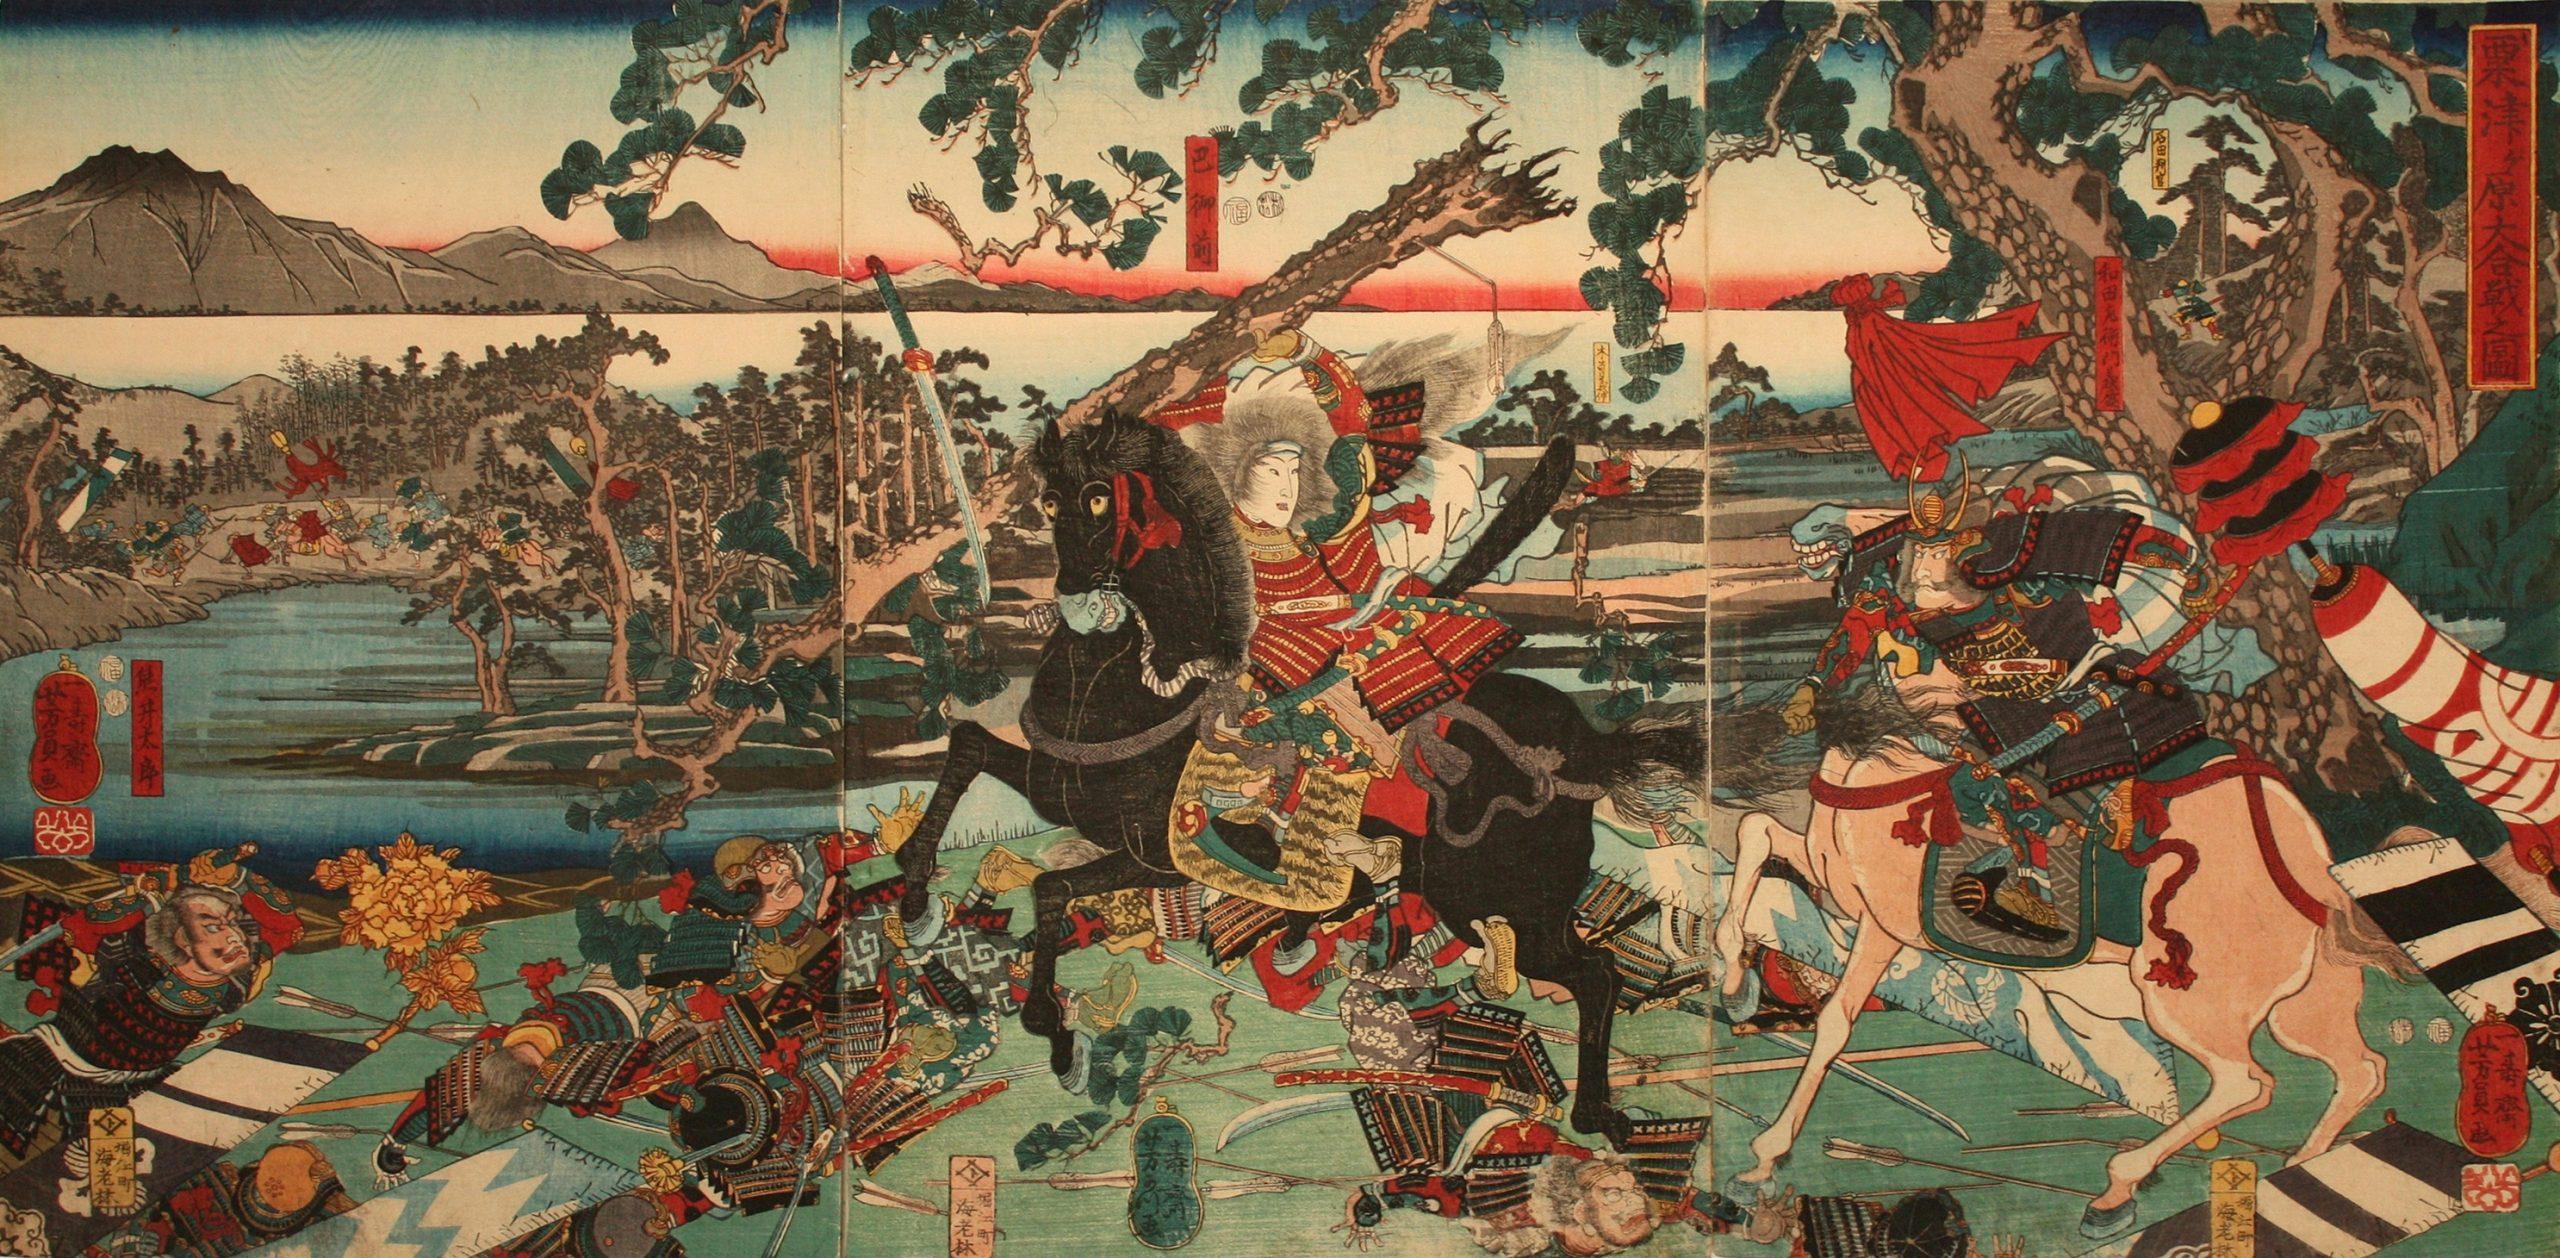 Női szamurájok: Ölni szabad volt, szeretni nem!